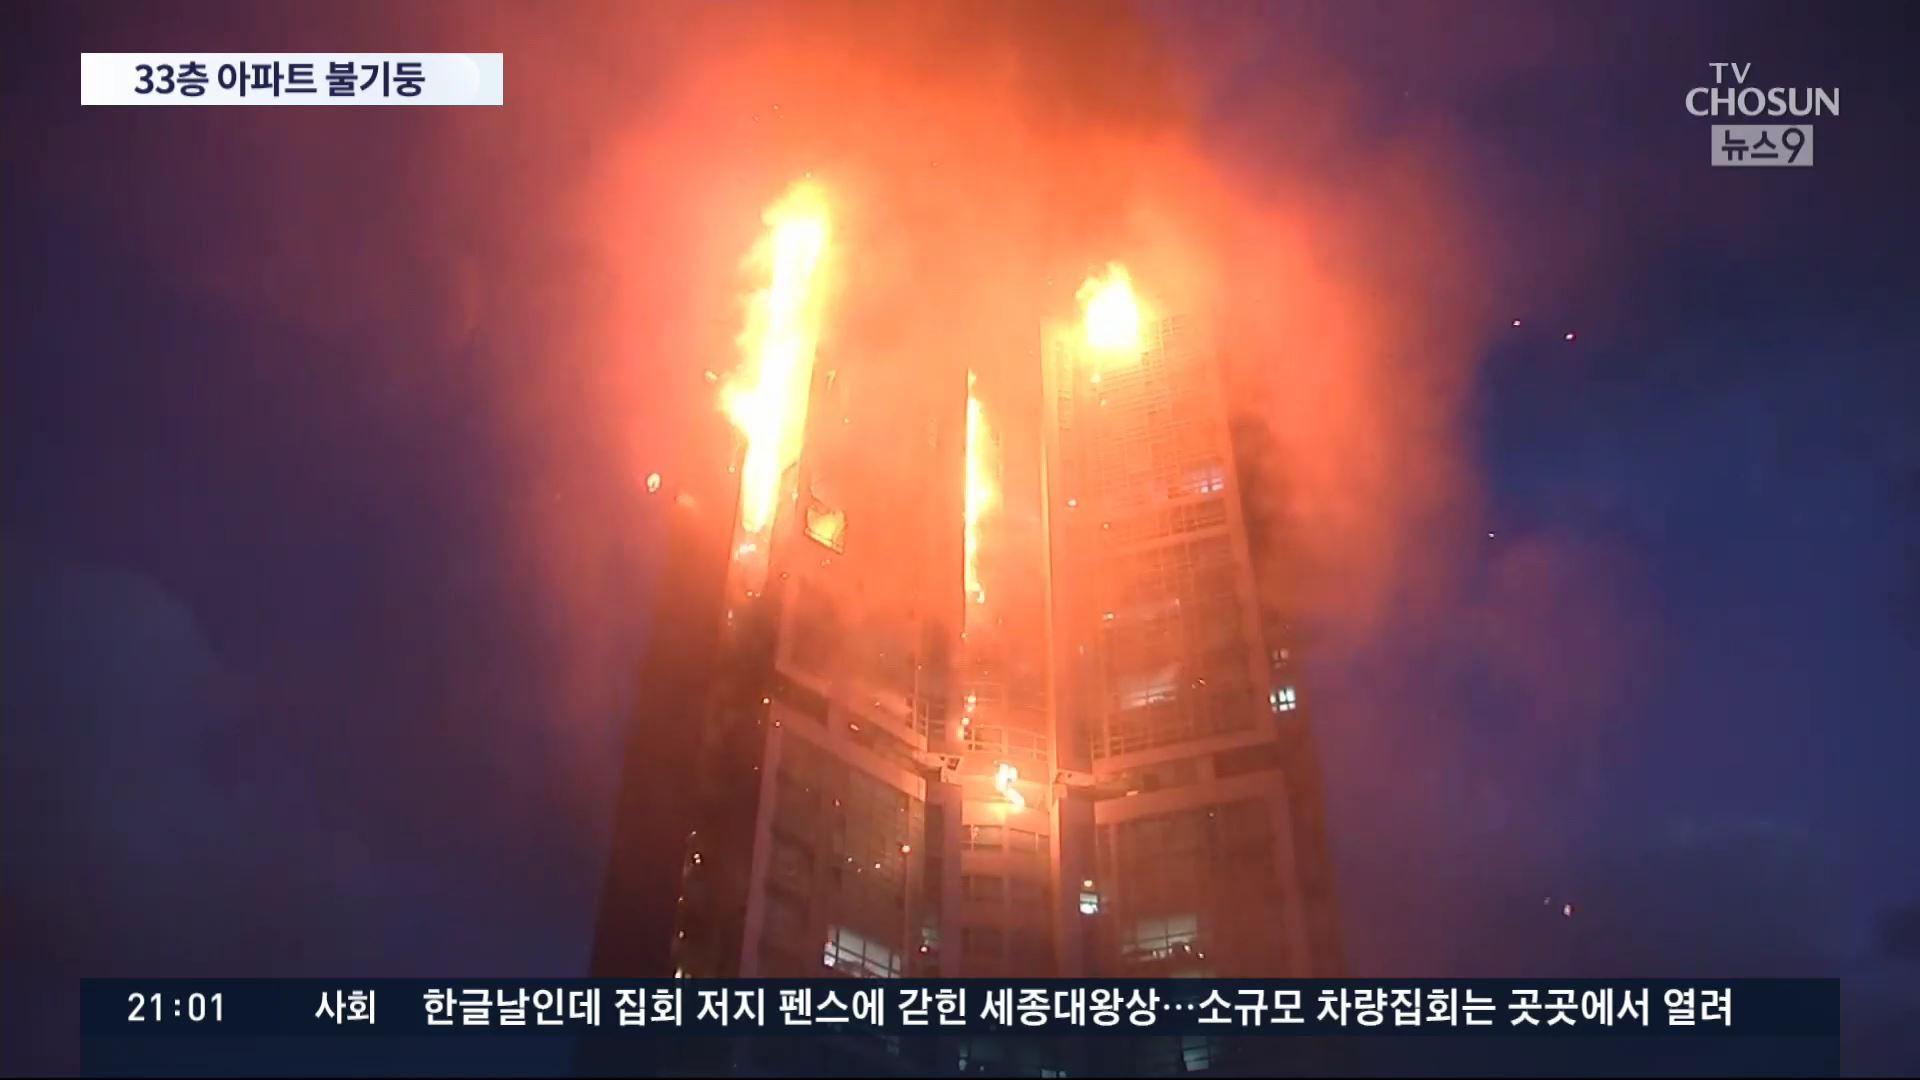 불기둥으로 변한 33층 아파트…강풍에 14시간 넘게 활활